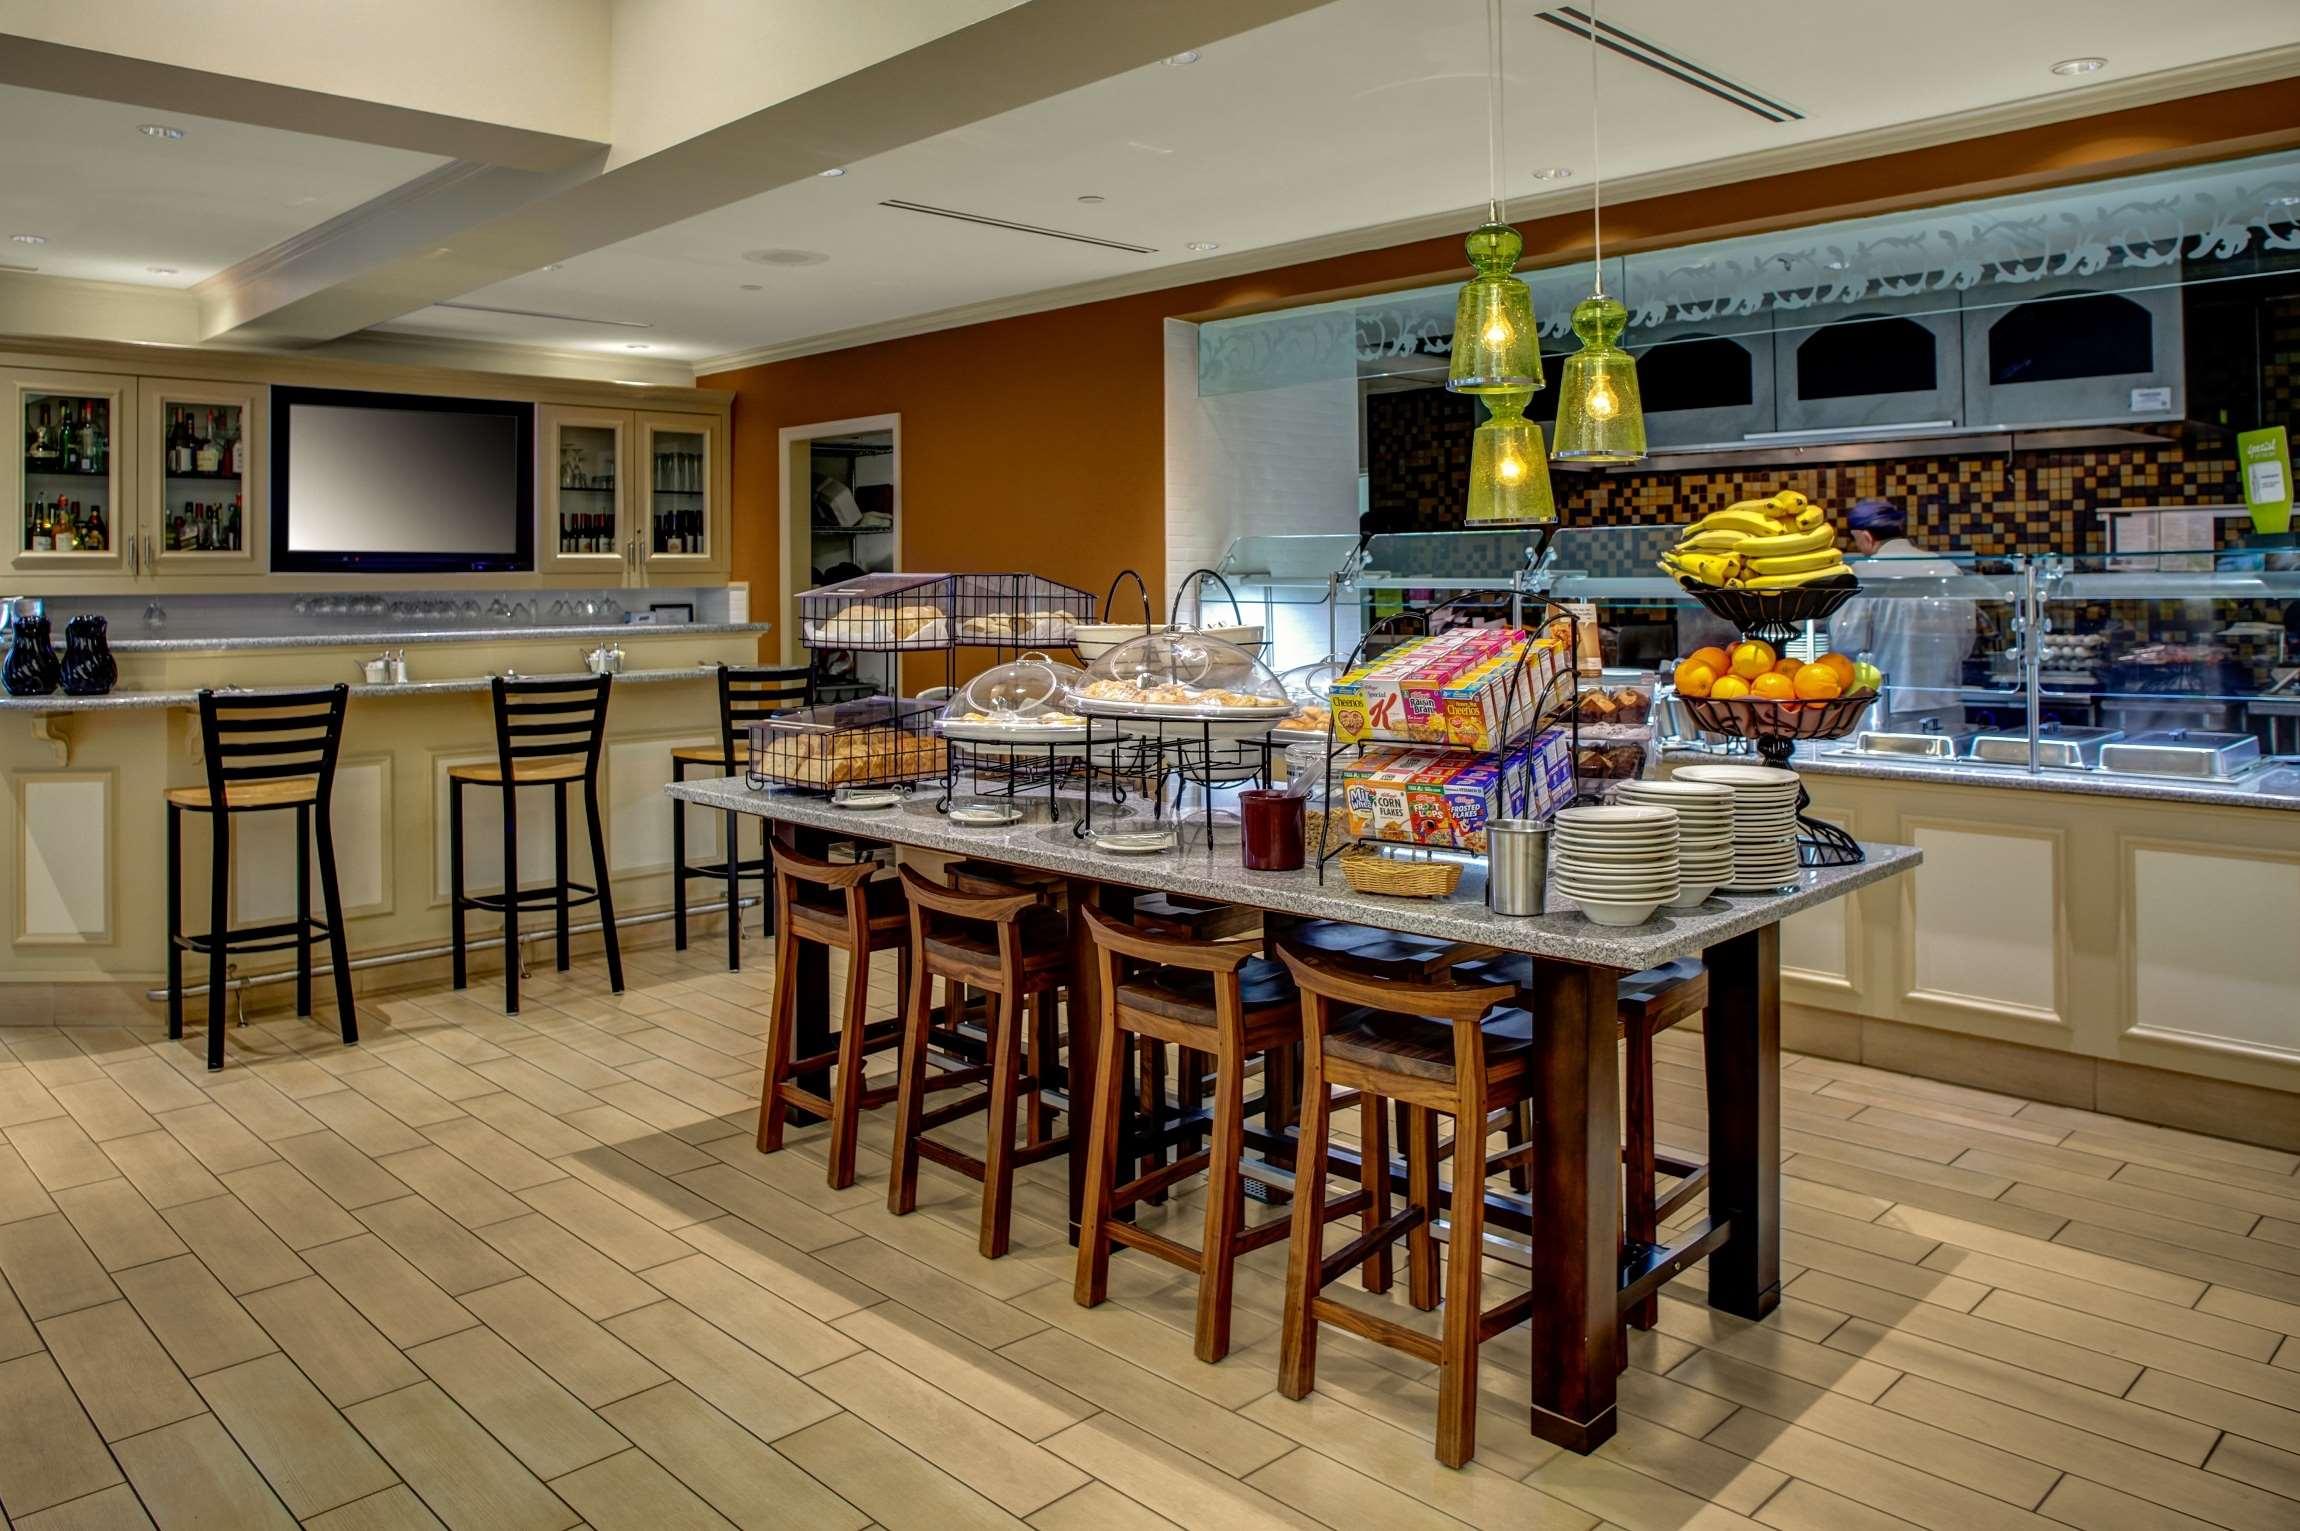 Hilton Garden Inn Danbury image 41